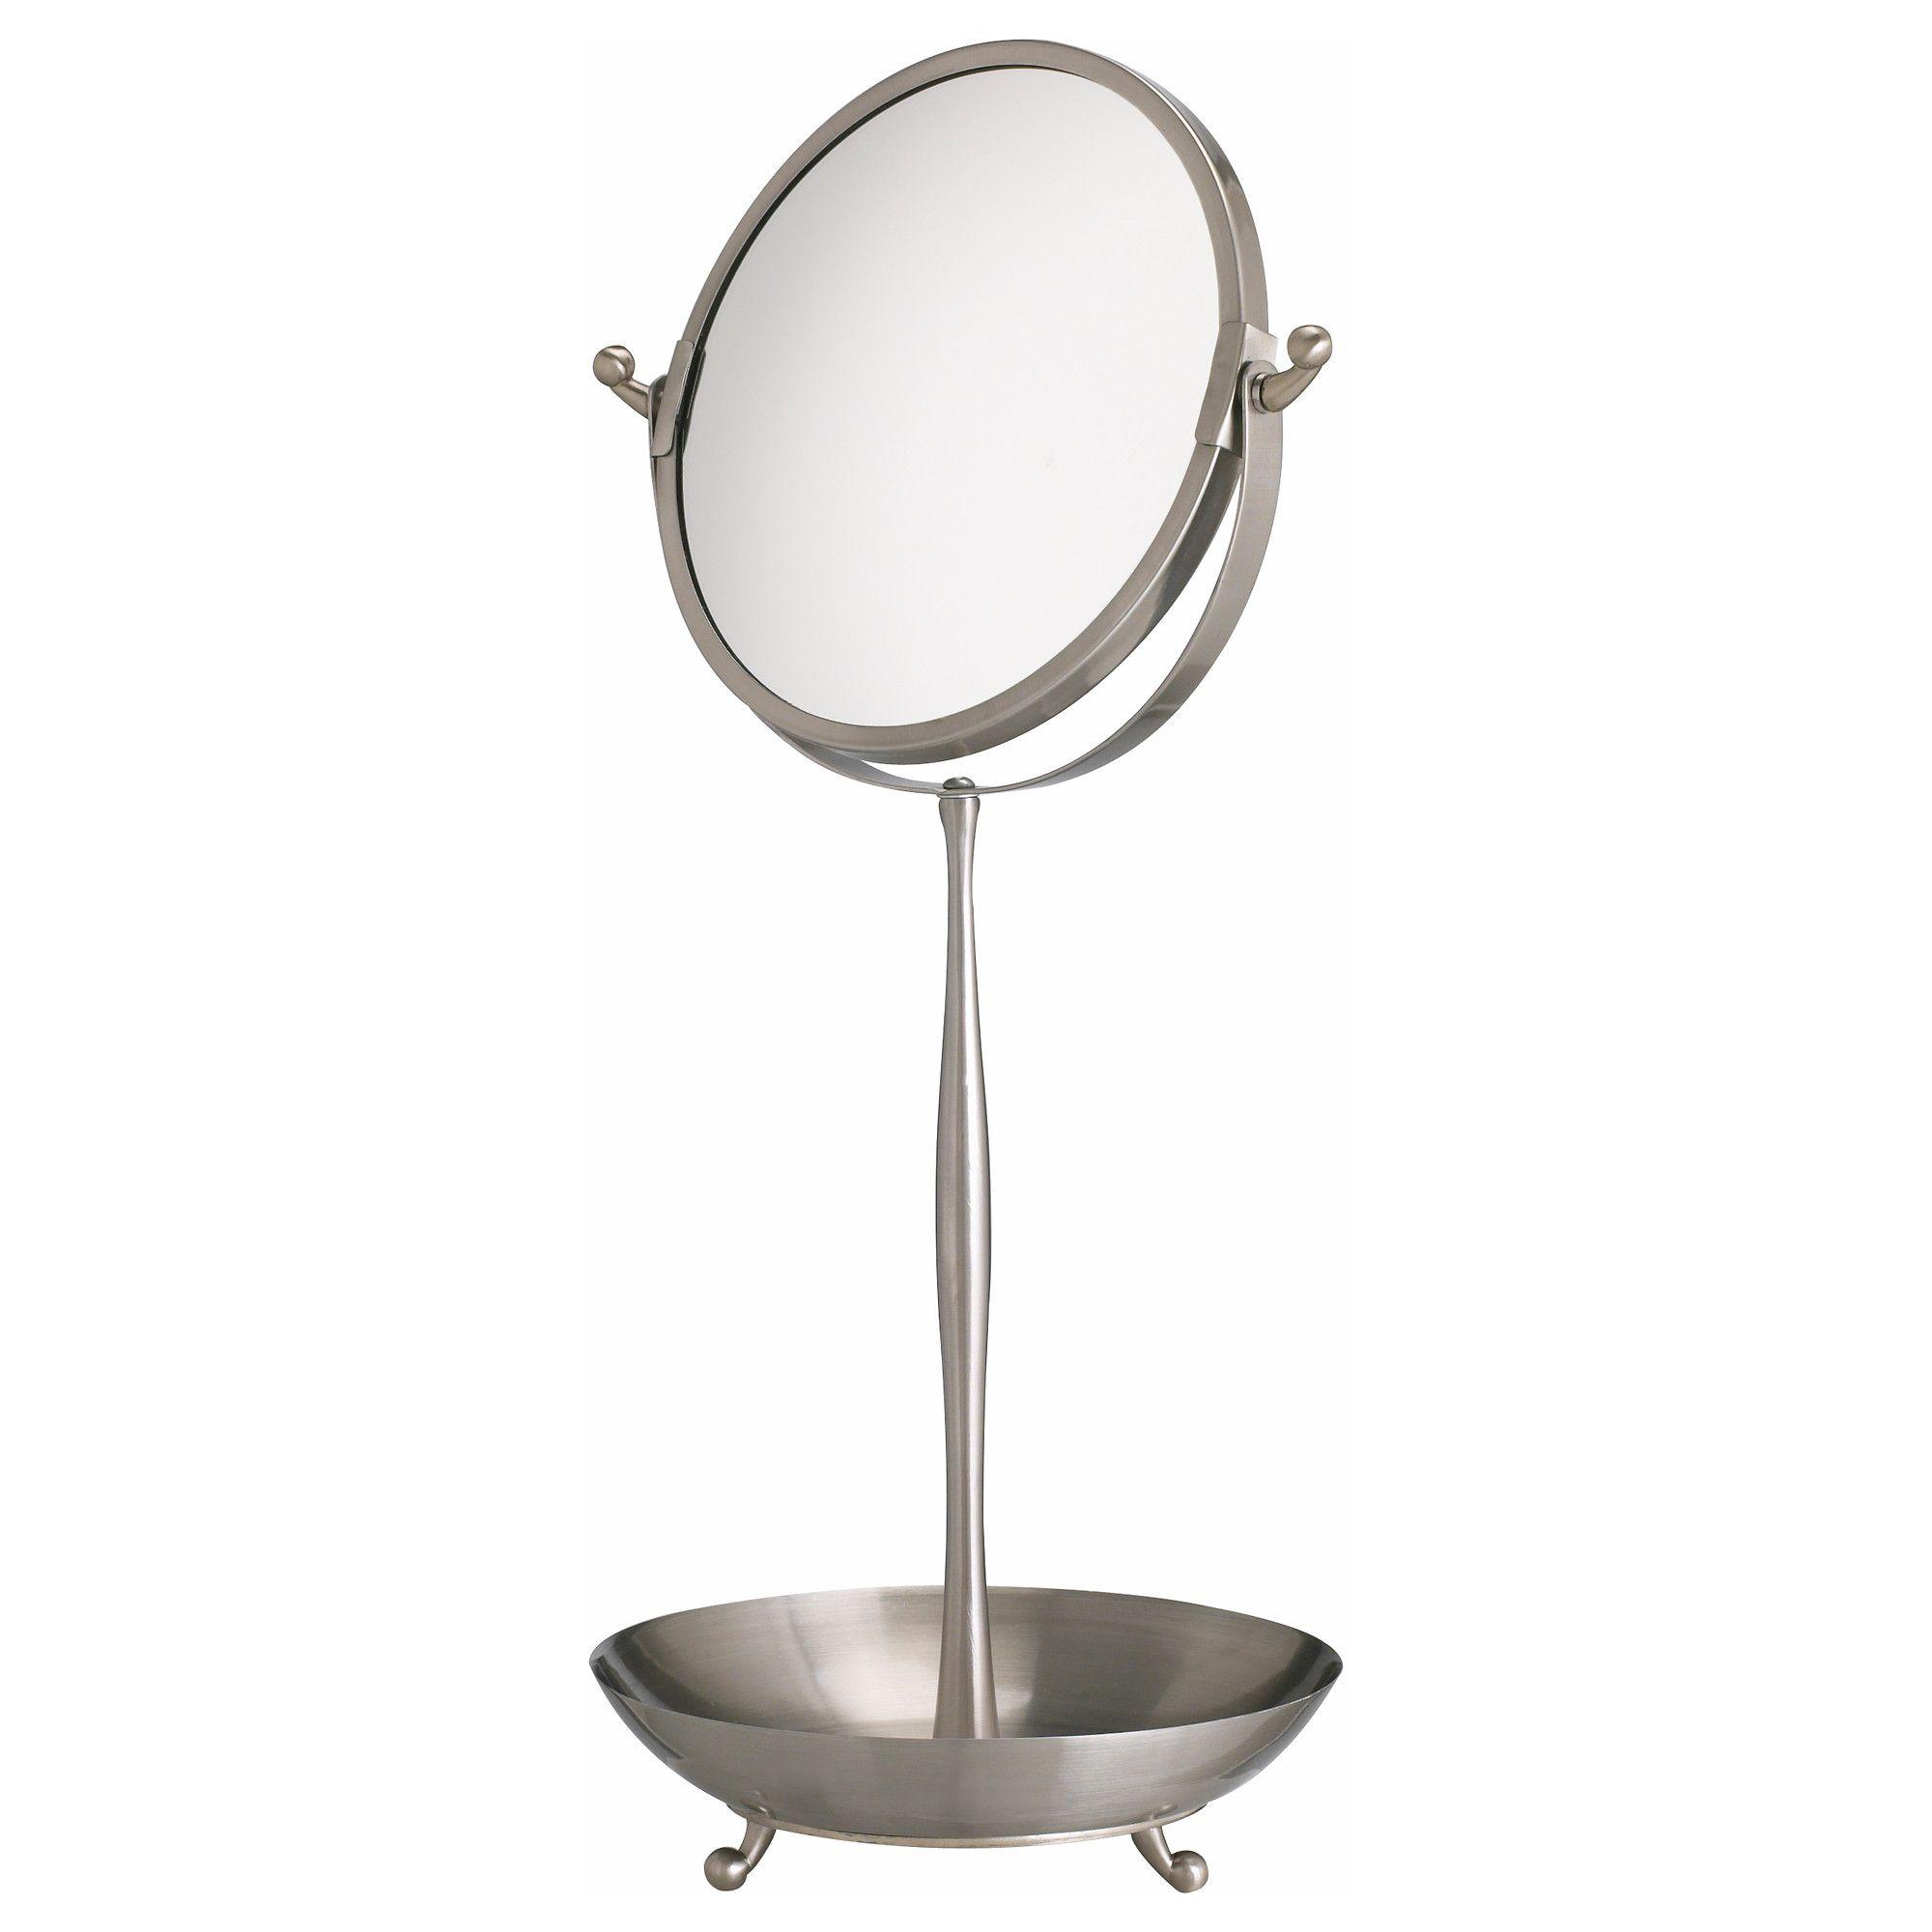 LILLHOLMEN Espejo para tocador Una cara con vidrio espejado de ...